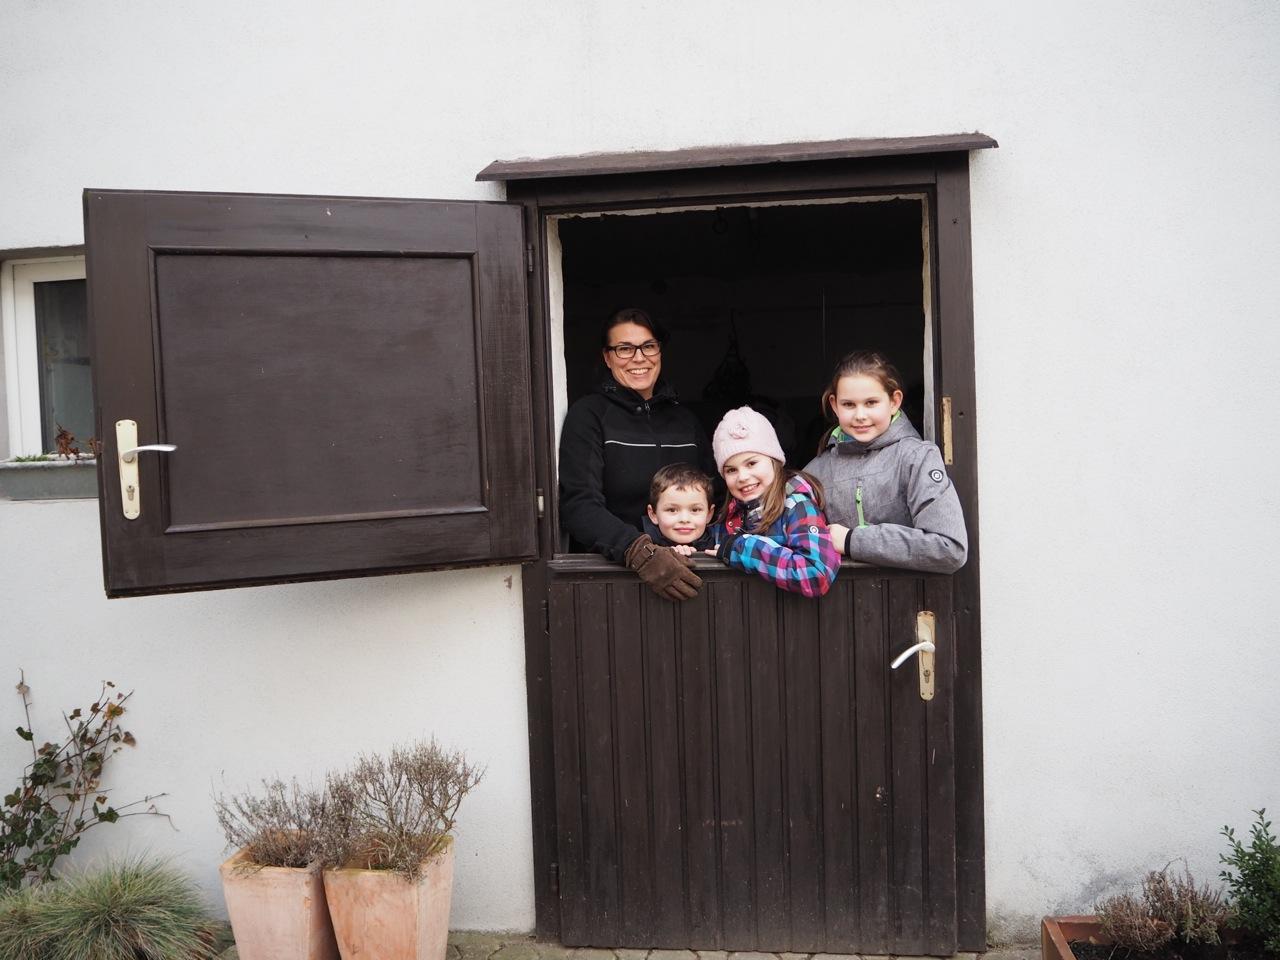 Ponyhof-madbachhof Familie Schmitz